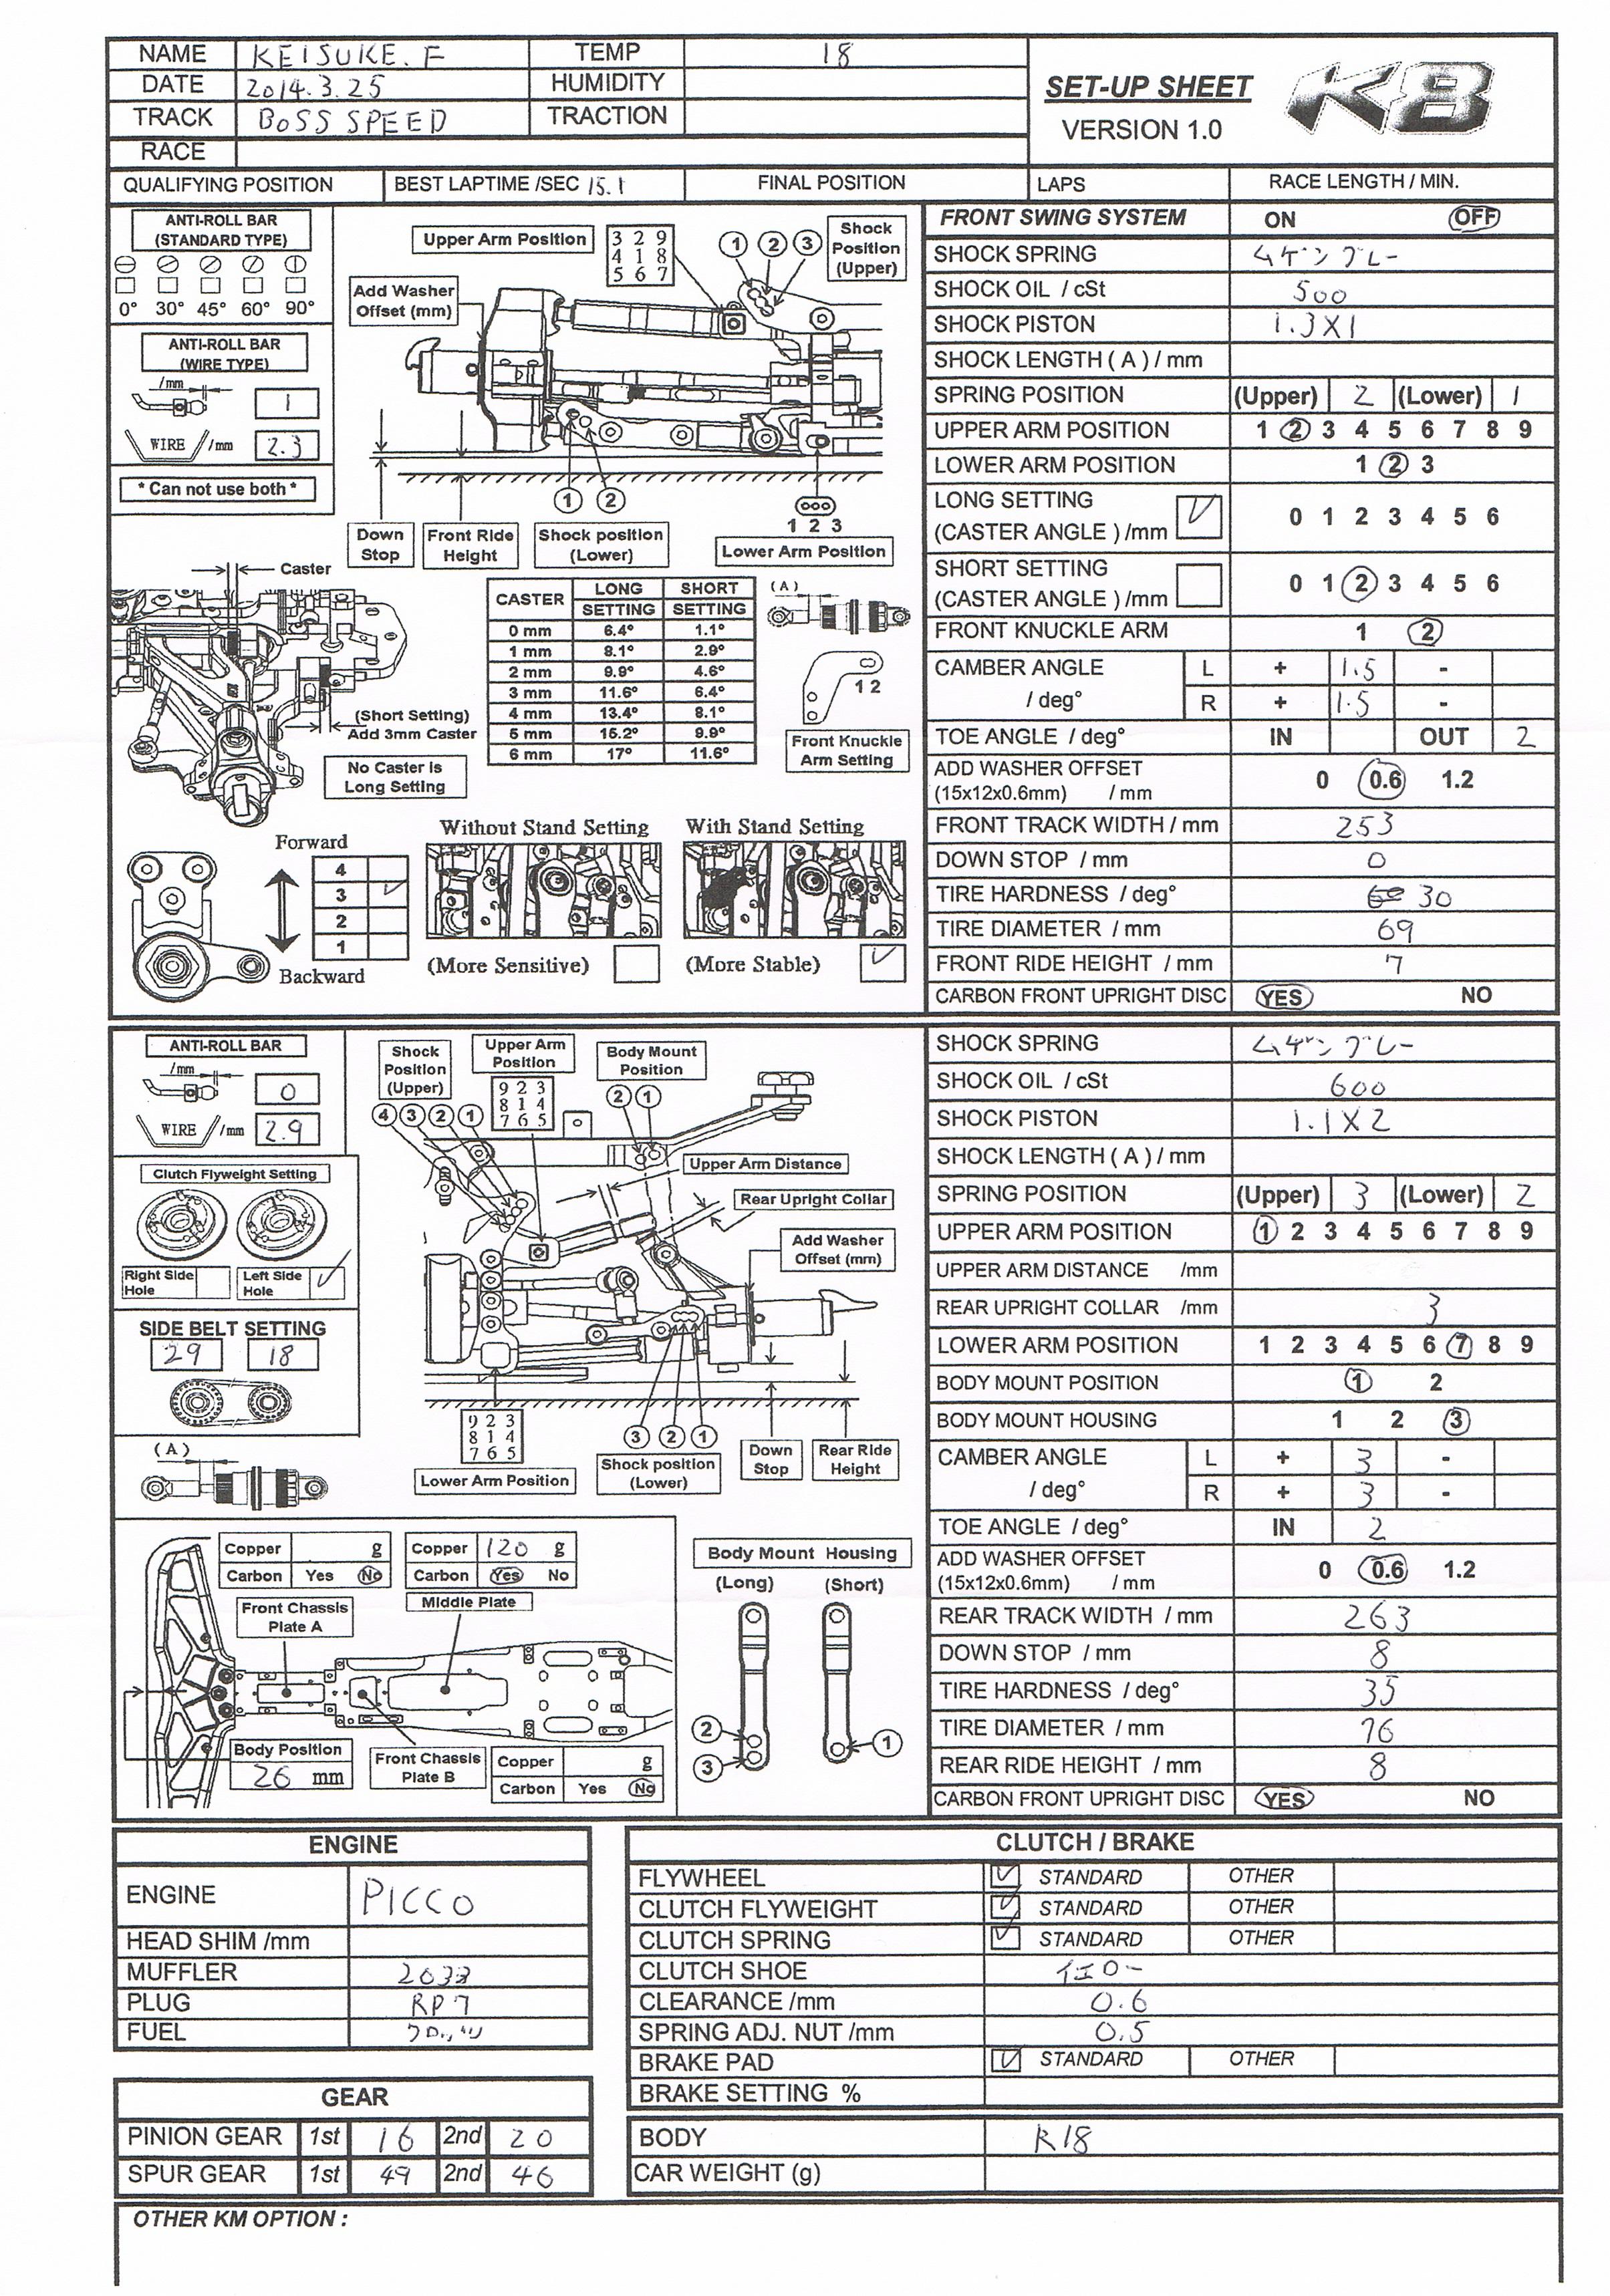 KM K8 Setting Sheet and Instruction Manual « KM Group